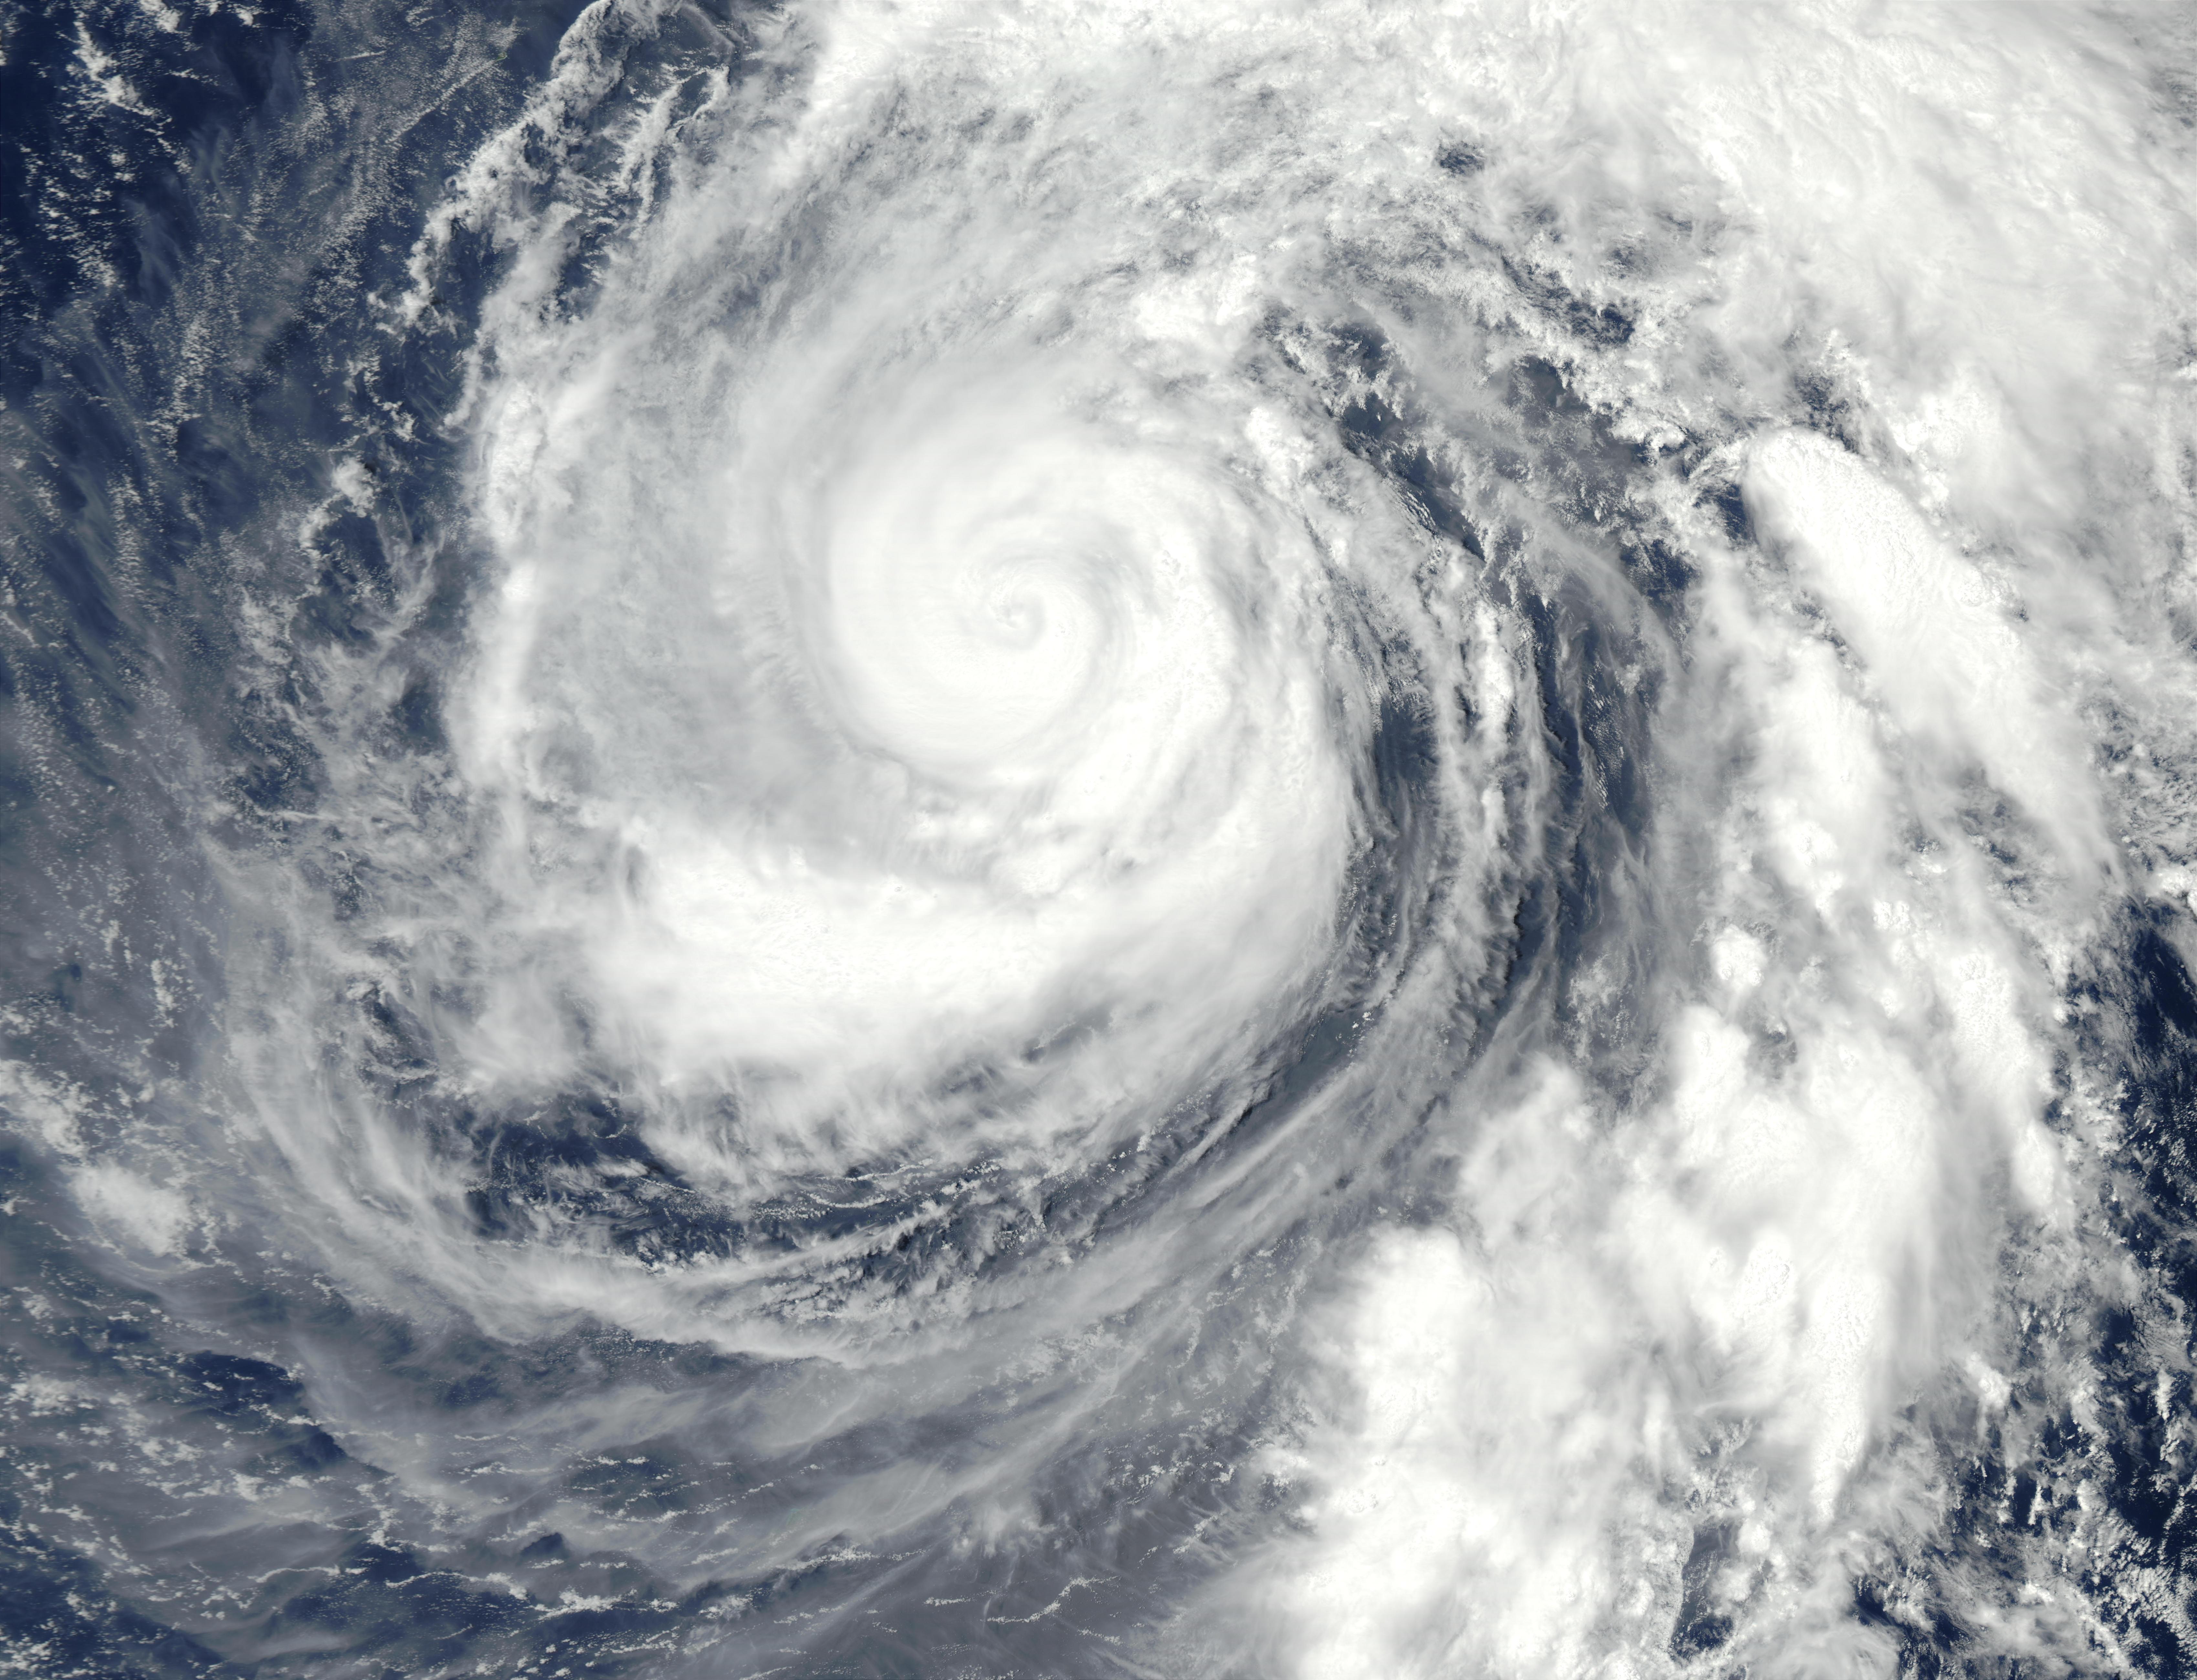 Tifón Phanfone (19W) norte de las Islas Marianas, Océano Pacífico